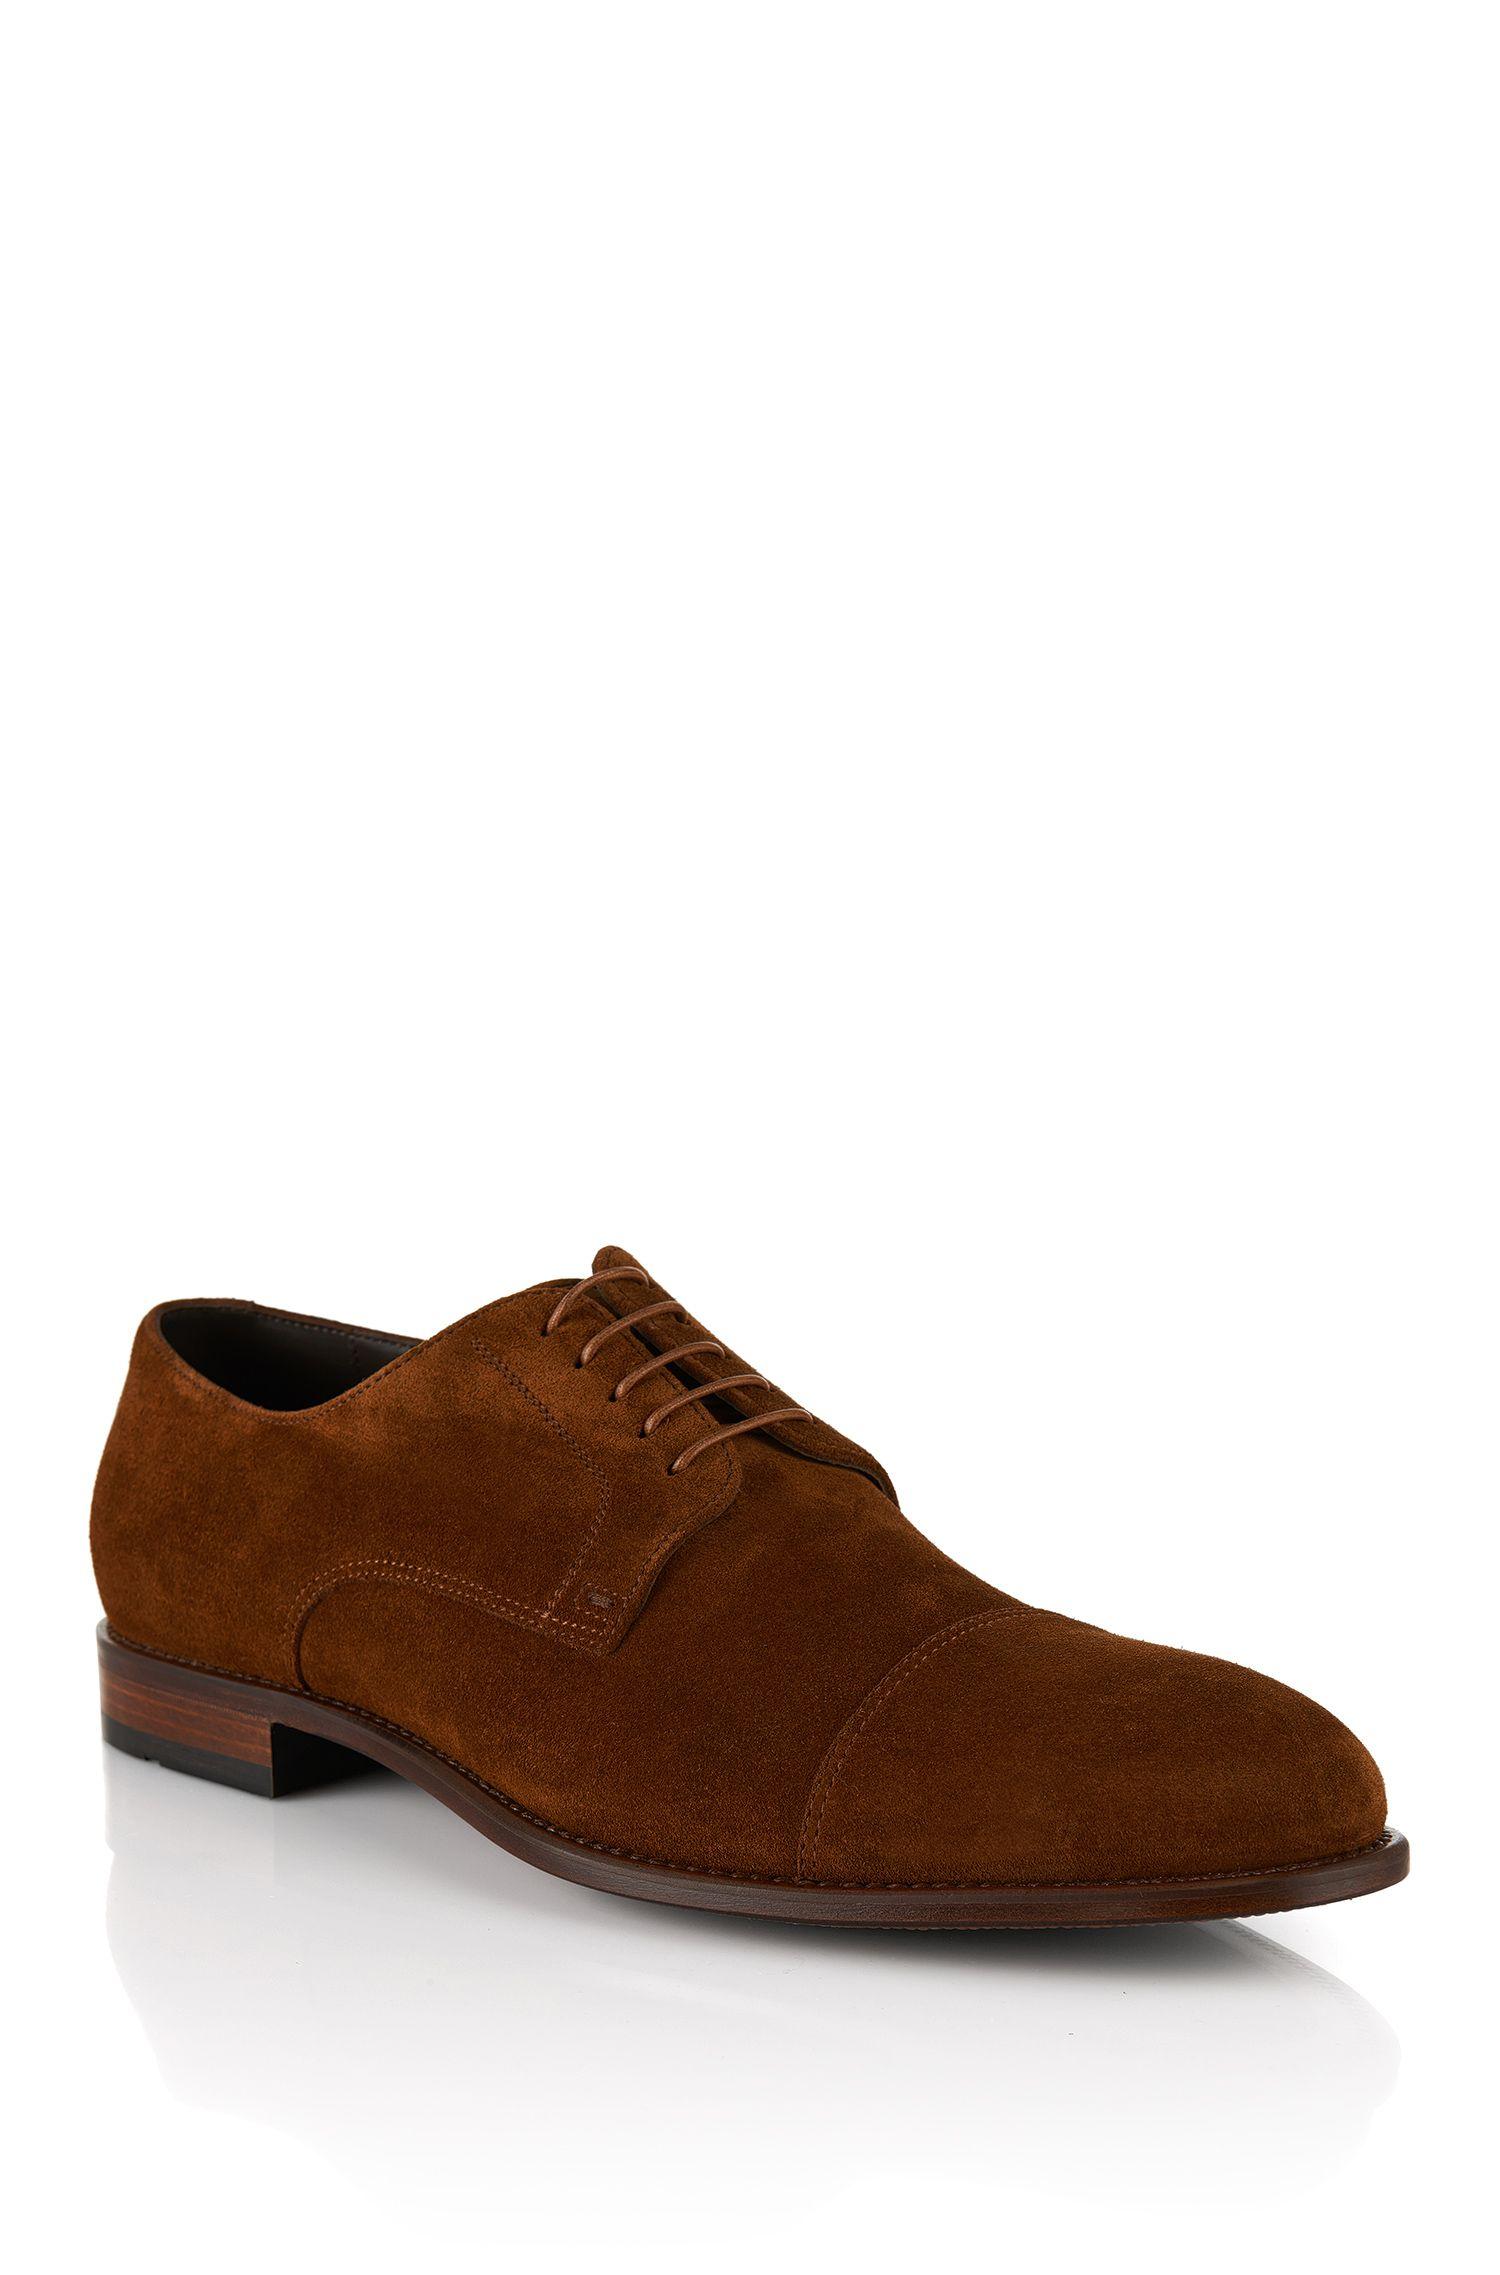 'Stokkin' | Italian Suede Derby Cap Toe Dress Shoes